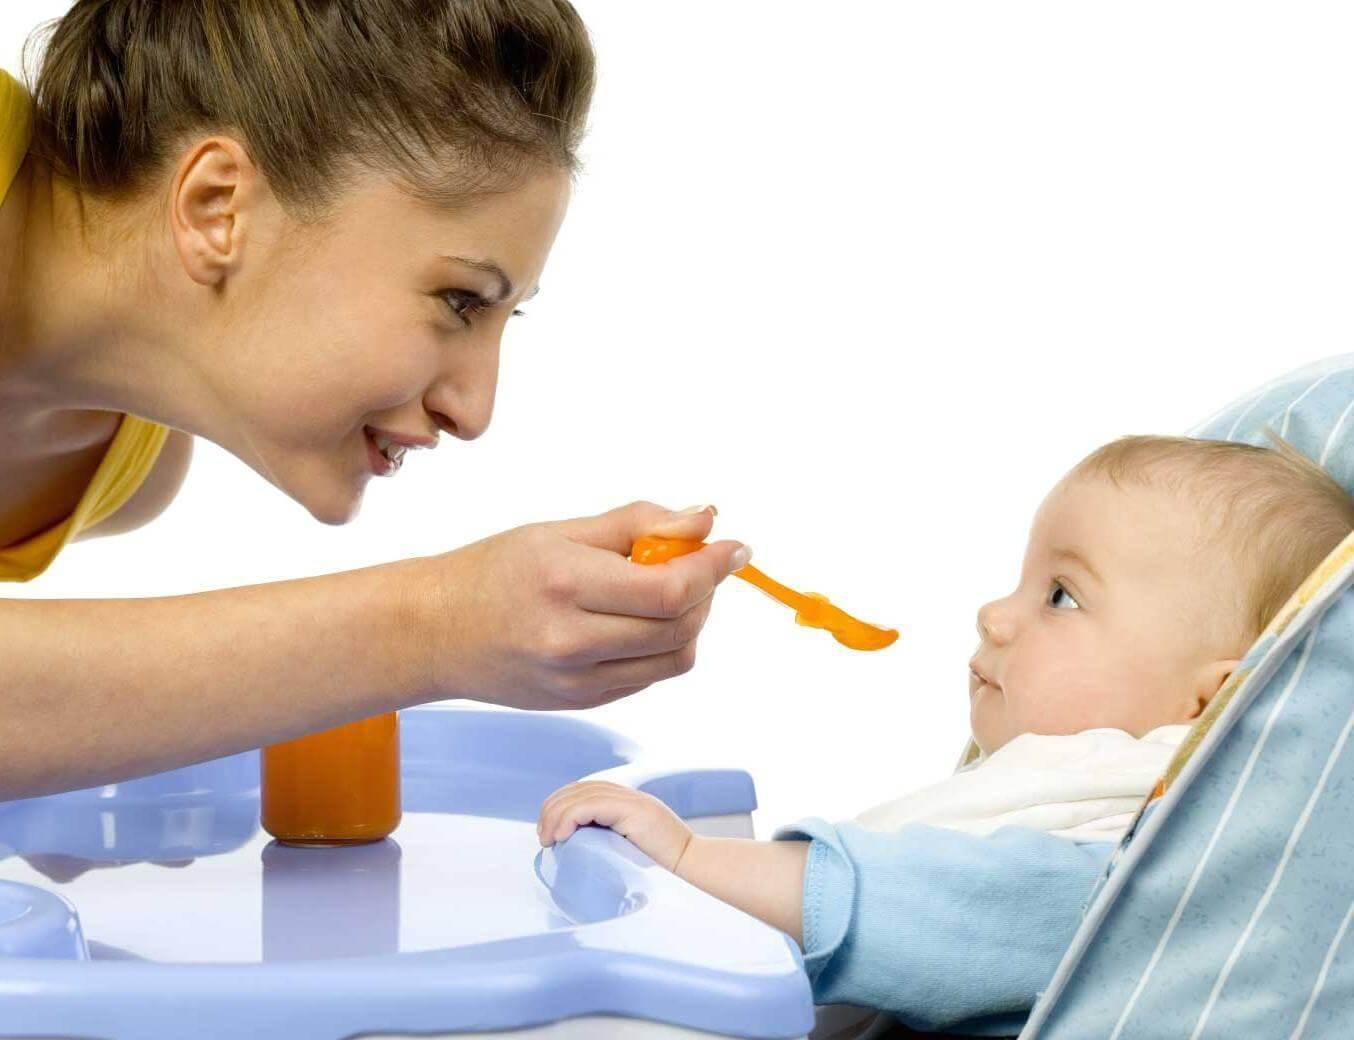 Как давать Мукалтин ребенку в 2 года: рекомендации по применению препарата